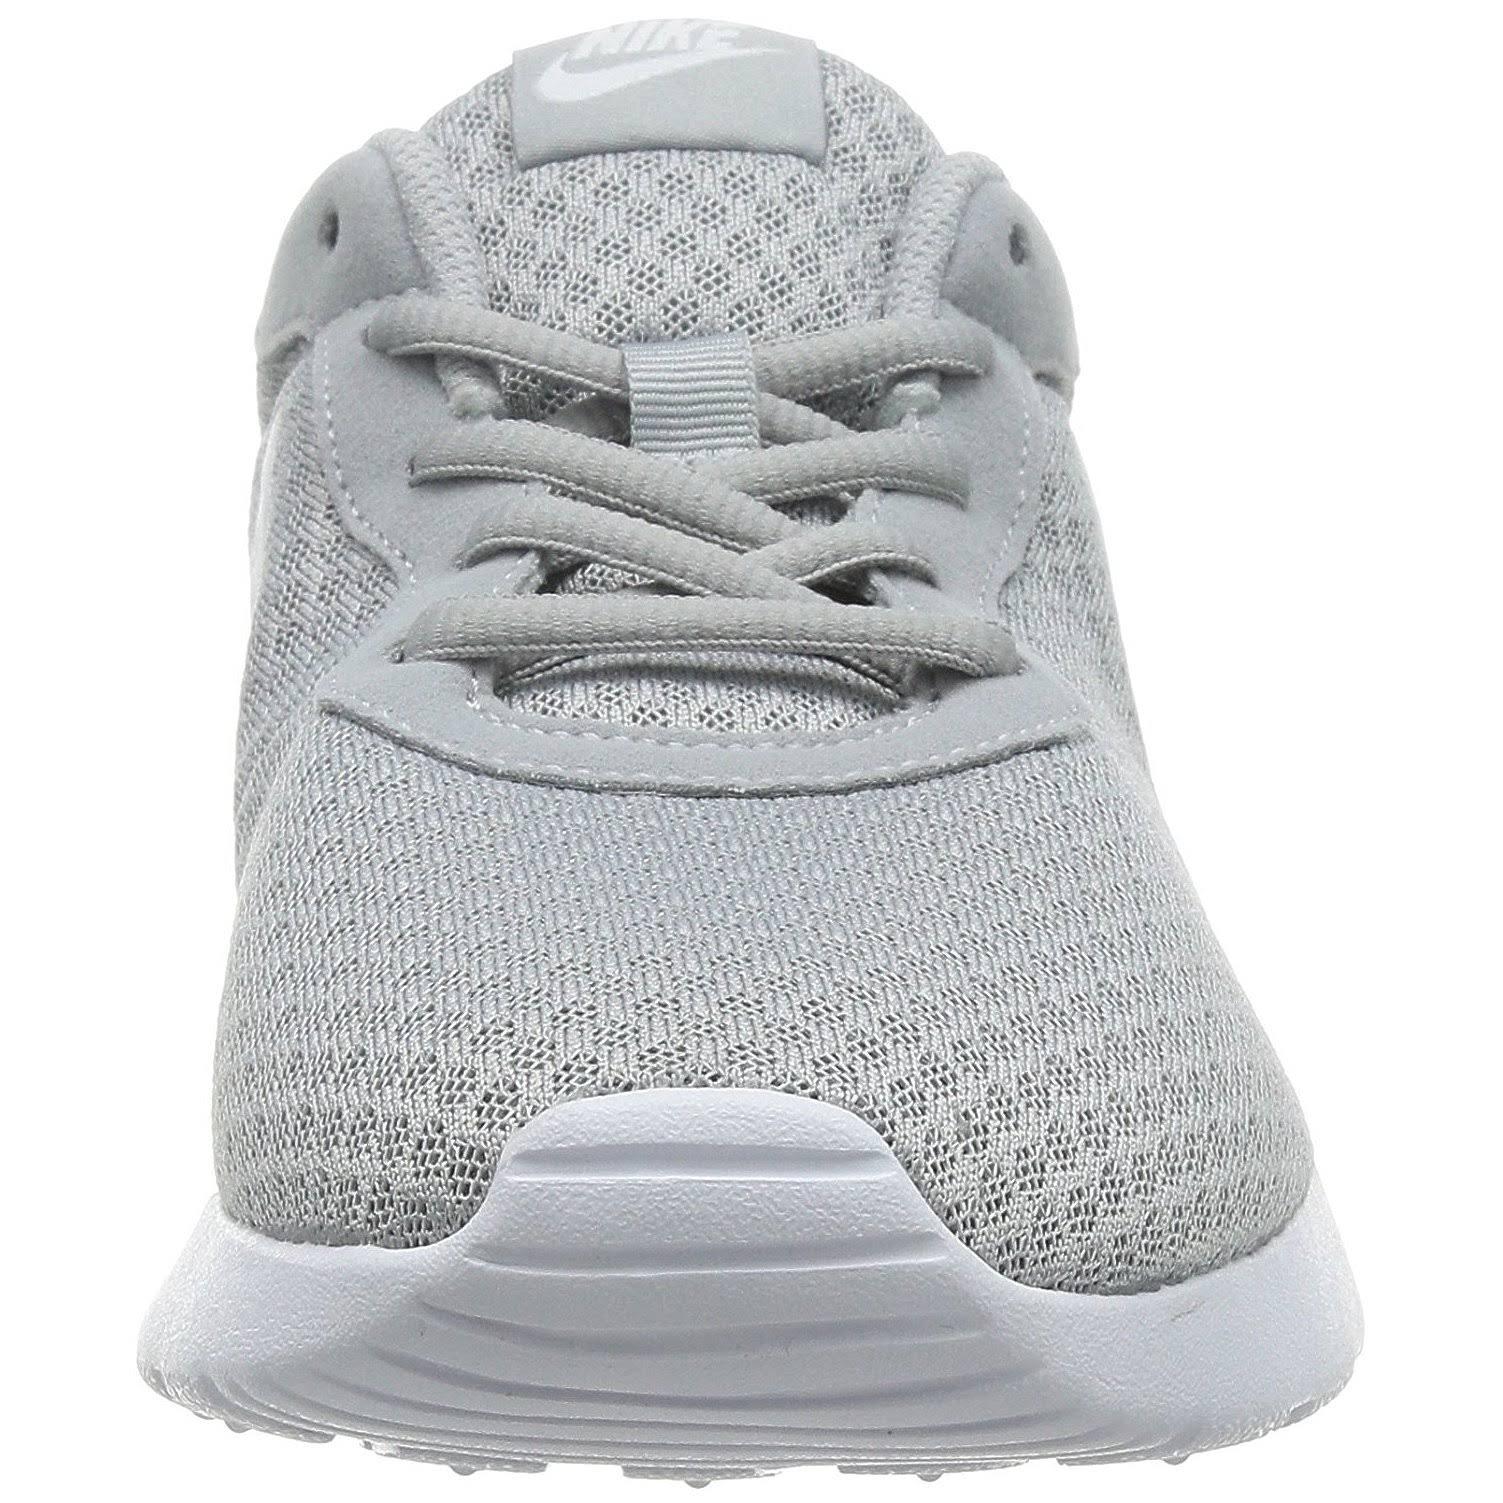 Grigiobianco Nike Wolf Tanjun Grigiobianco Tanjun Nike Grigiobianco Nike Tanjun Wolf Grigiobianco gyY6bf7